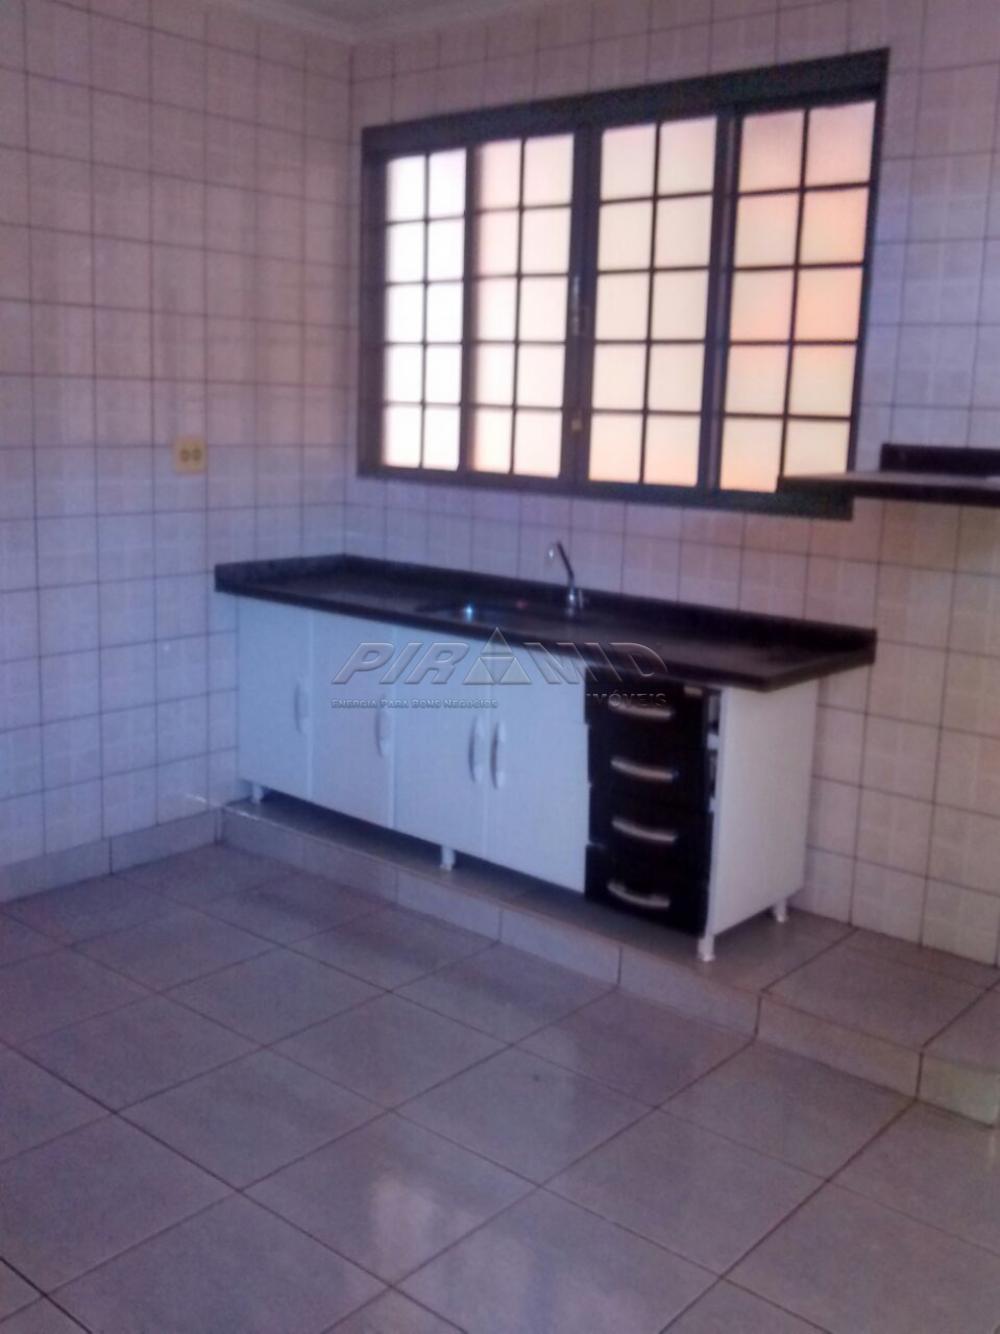 Alugar Casa / Padrão em Ribeirão Preto apenas R$ 850,00 - Foto 5